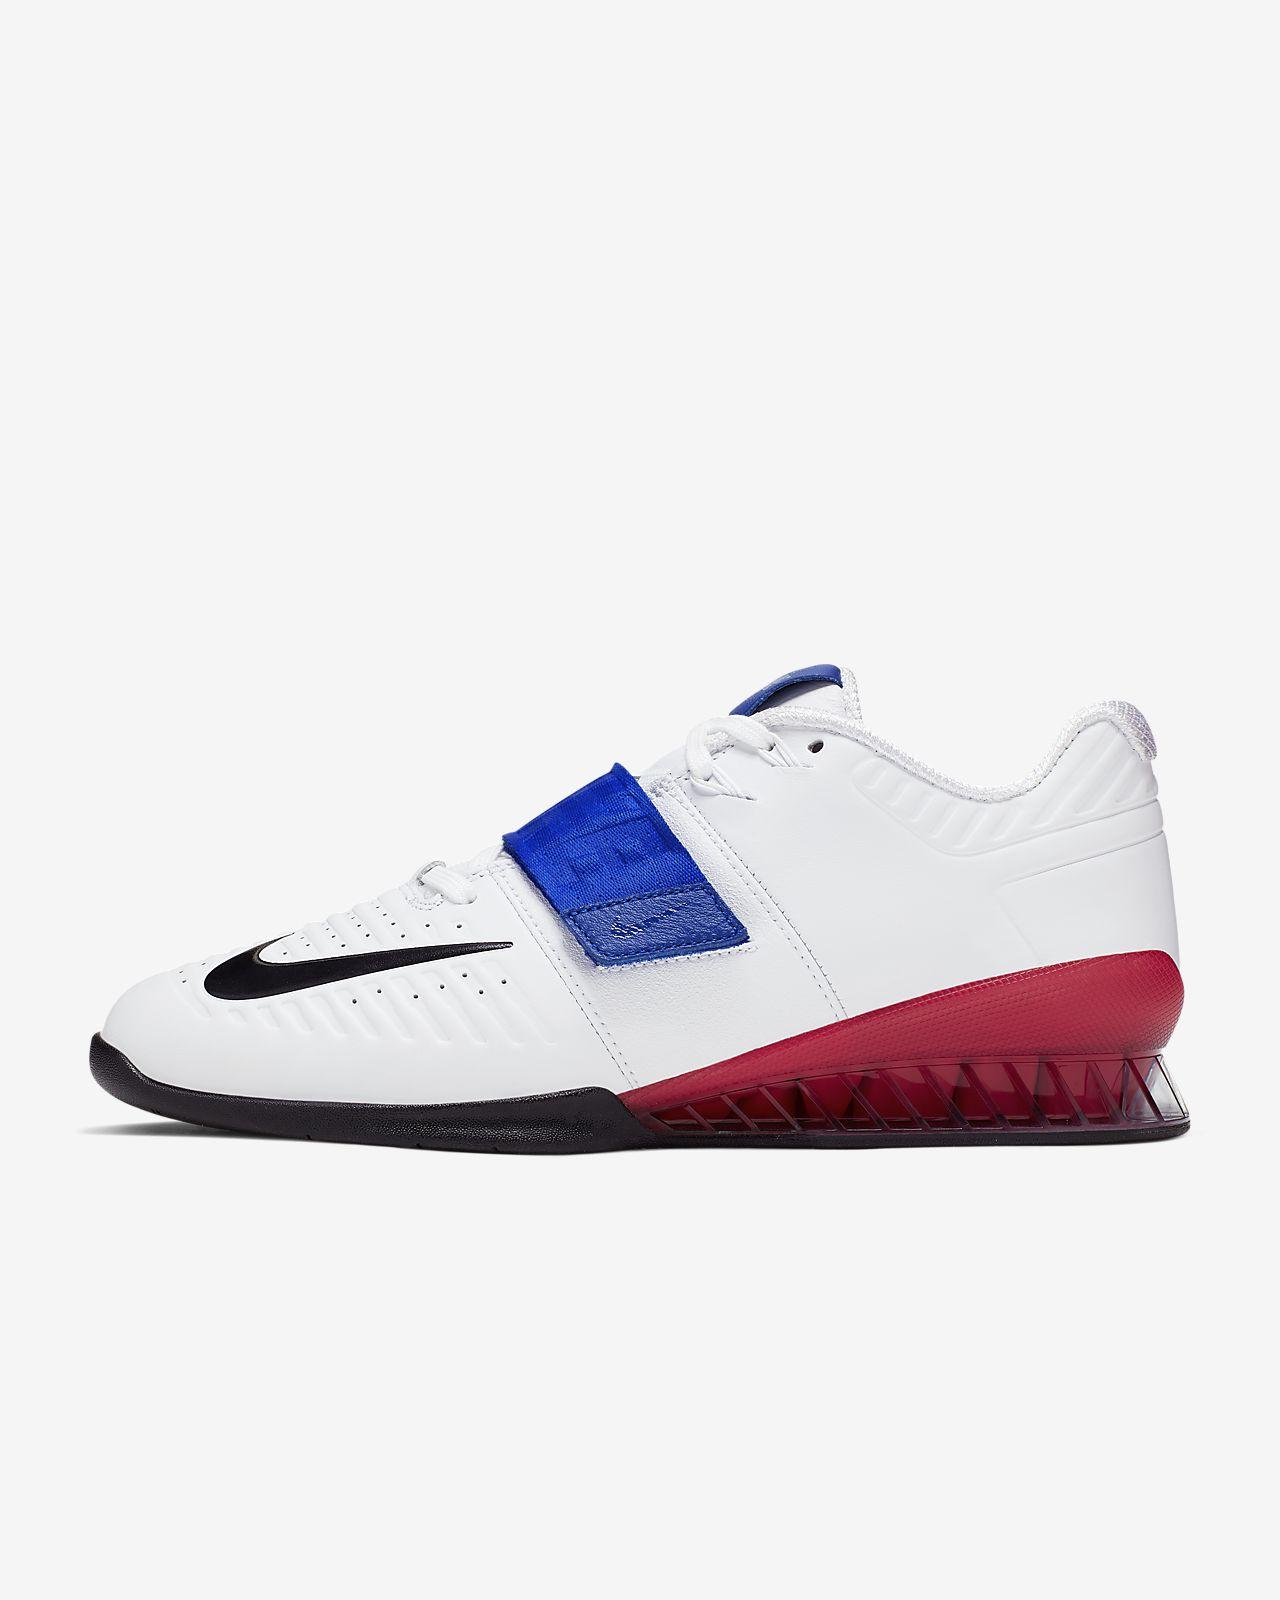 Nike | Mujeres Zapatos | Nike Romaleos 3 Mujeres Gimnasio y